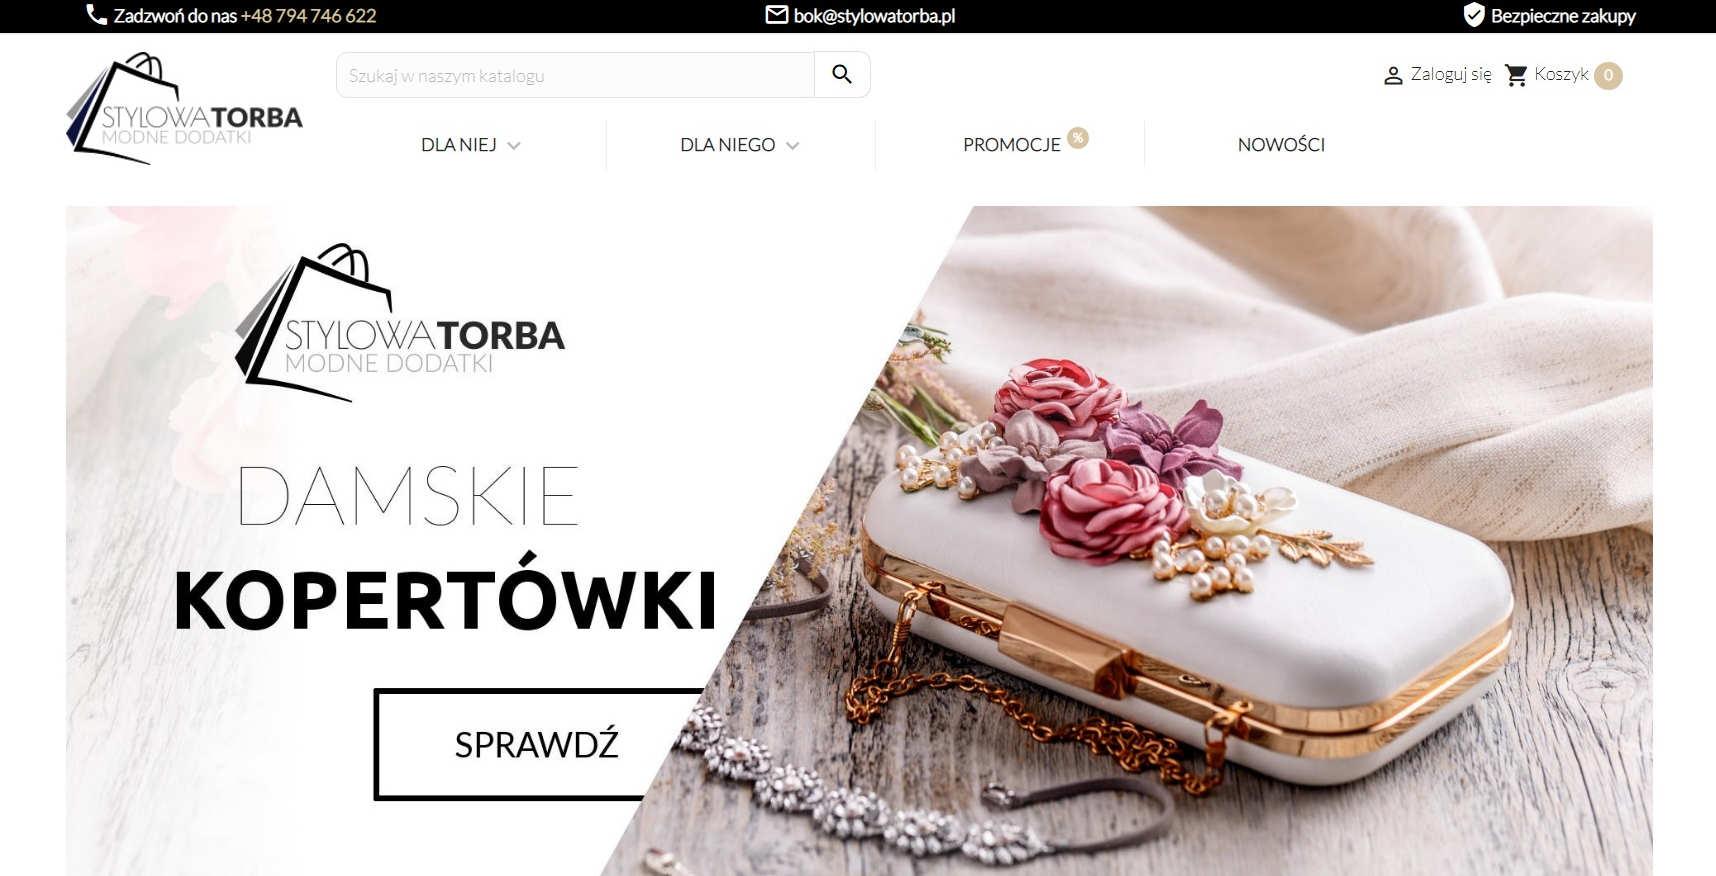 Nasz sklep internetowy z modną galanterią StylowaTorba.pl